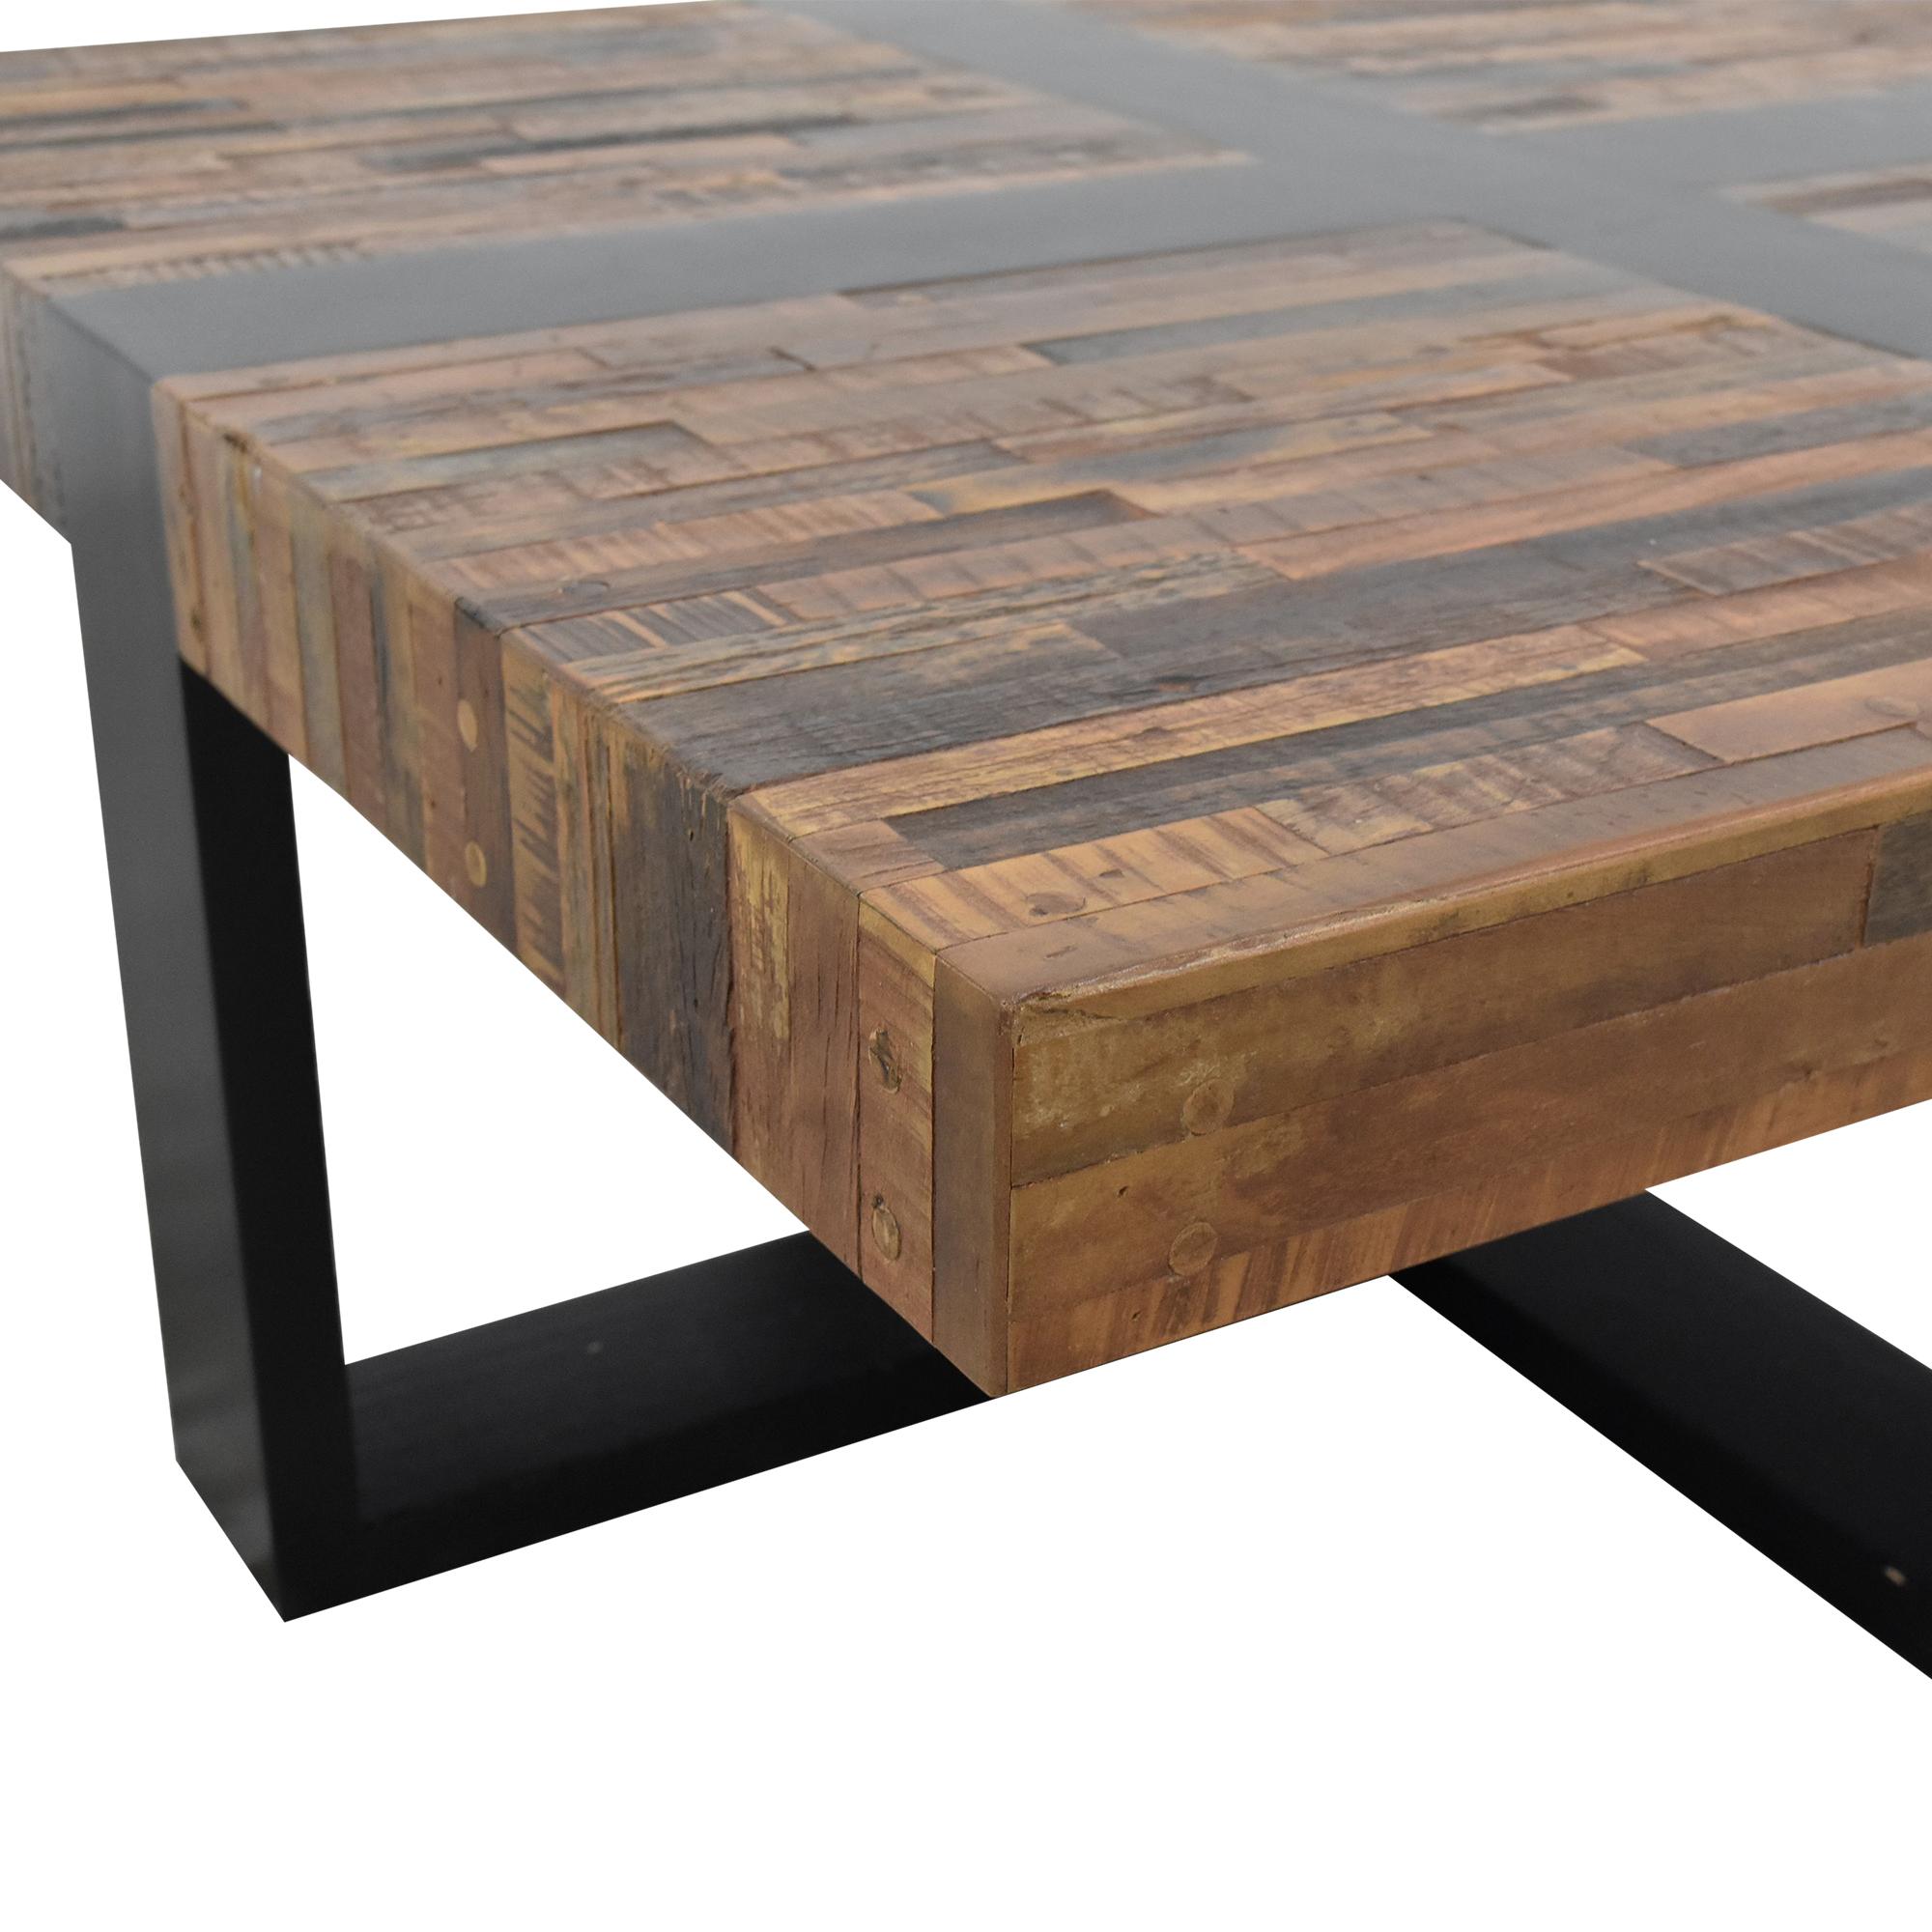 Crate & Barrel Crate & Barrel Seguro Square Coffee Table dimensions